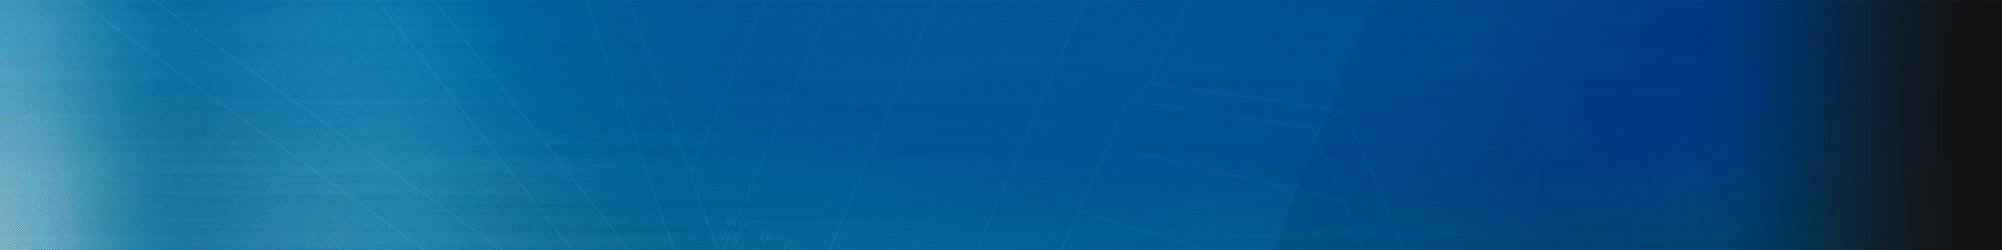 EBM Laser - Header bleu